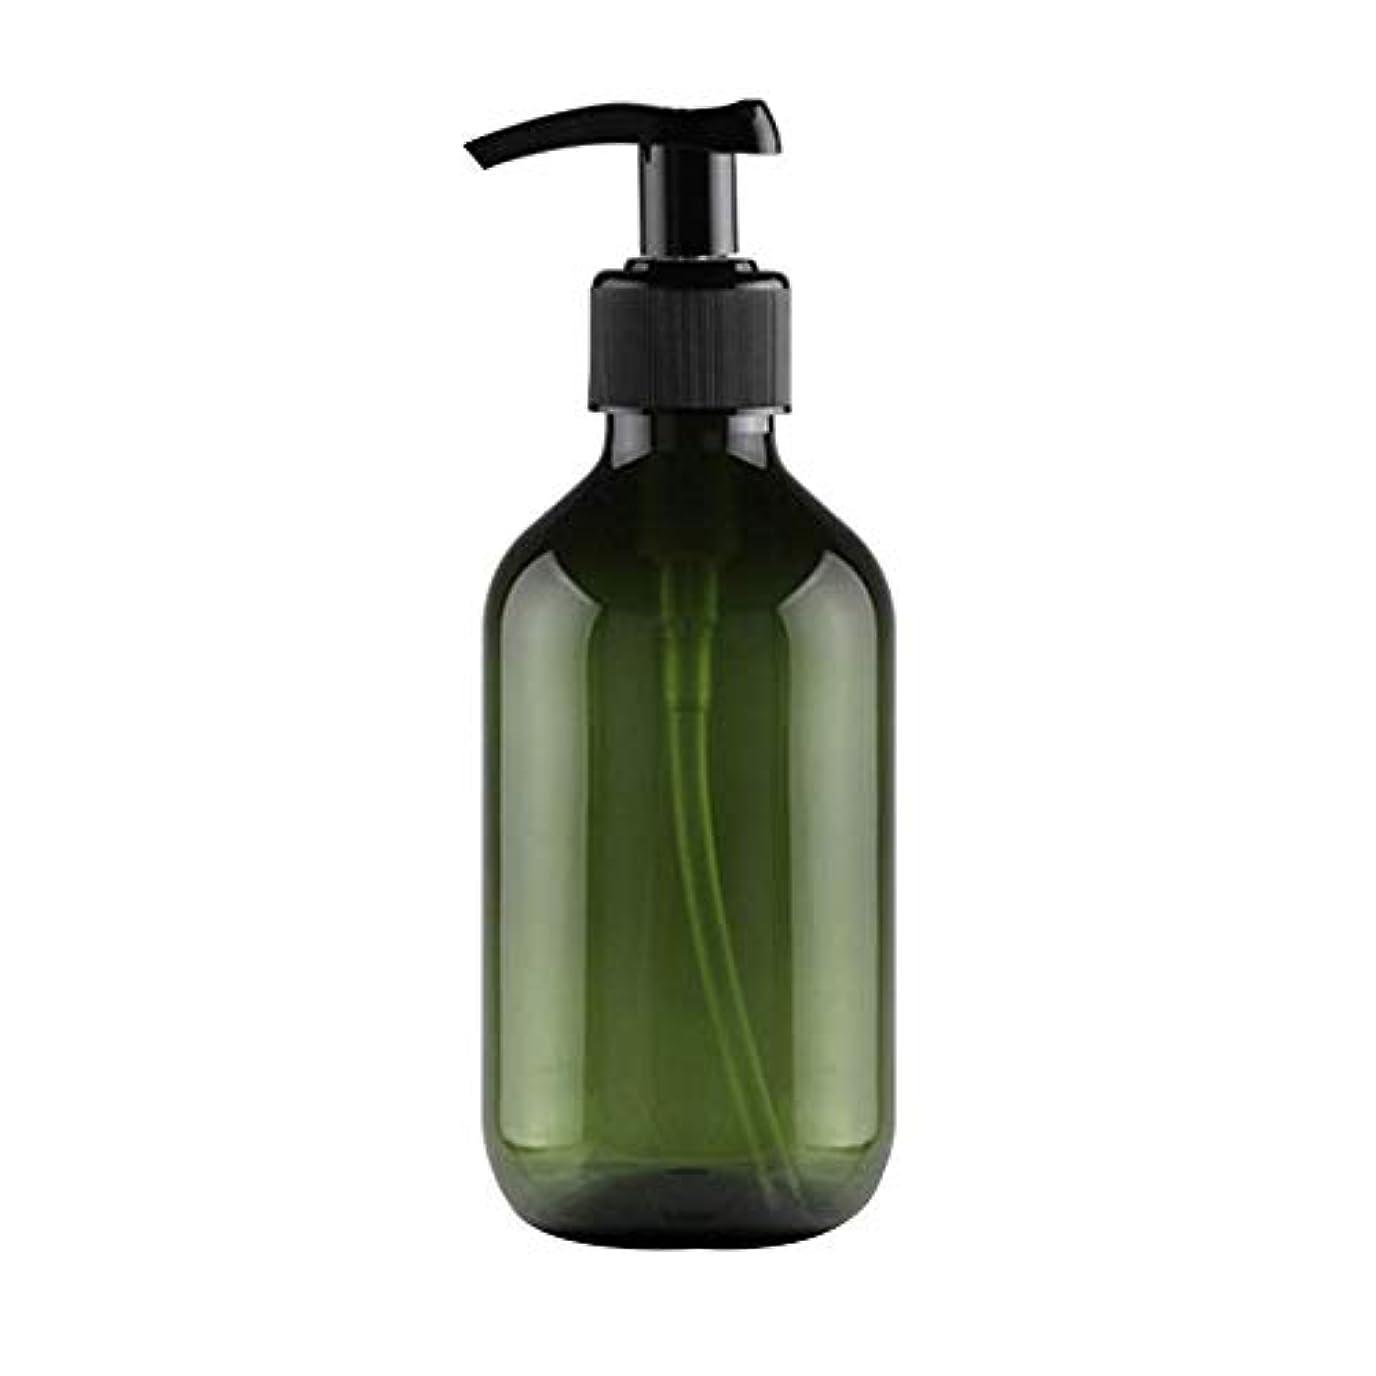 1st market 大人気 小分けボトル ポンプボトル 押し式詰替用ボトル 携帯用 旅行 出張用 シャンプー 乳液など入り トラベルボトル 300ml ダークグリーン 高品質